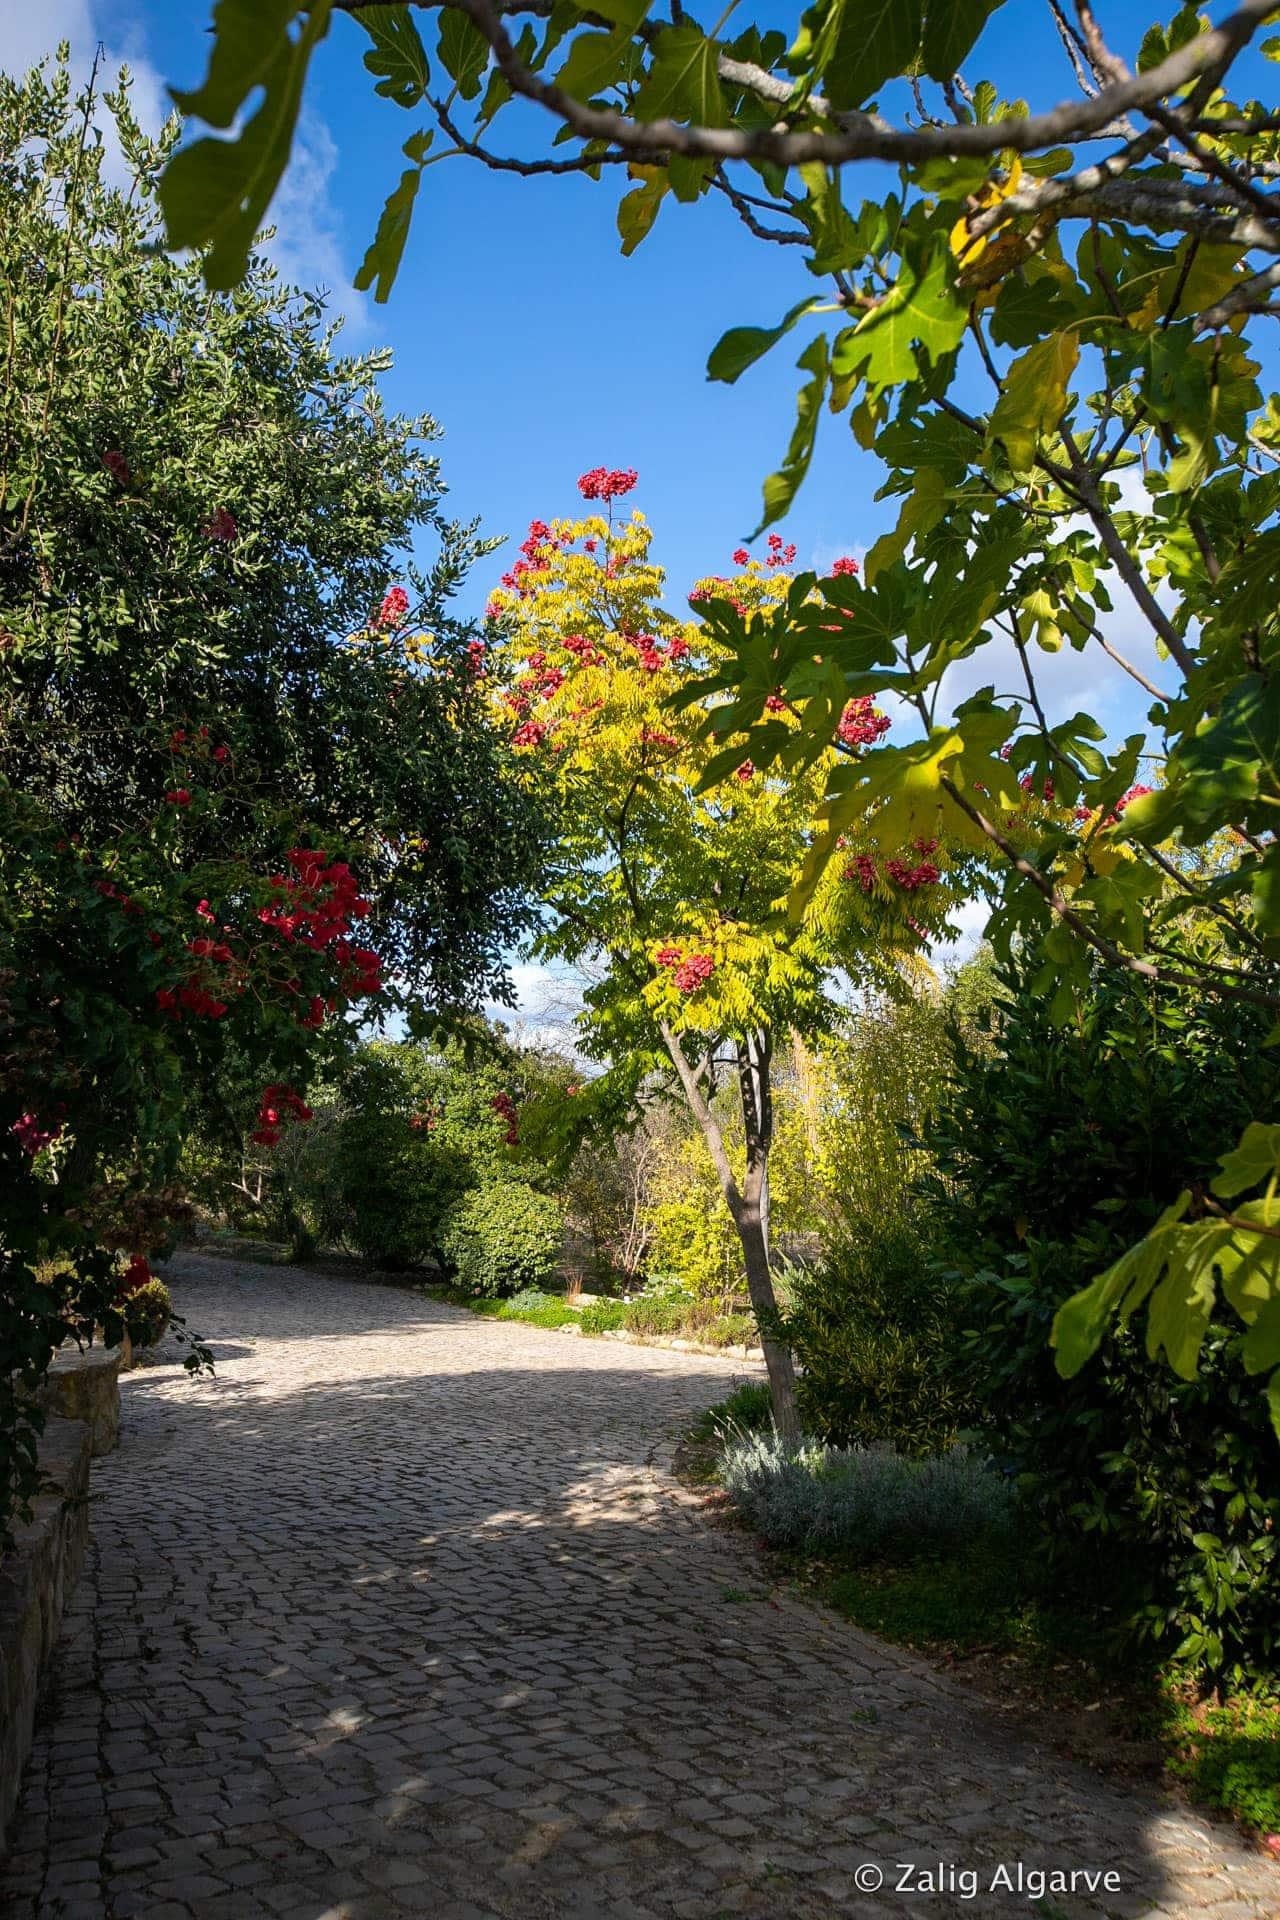 Mil-Arvores-Zalig-Algarve-40_1